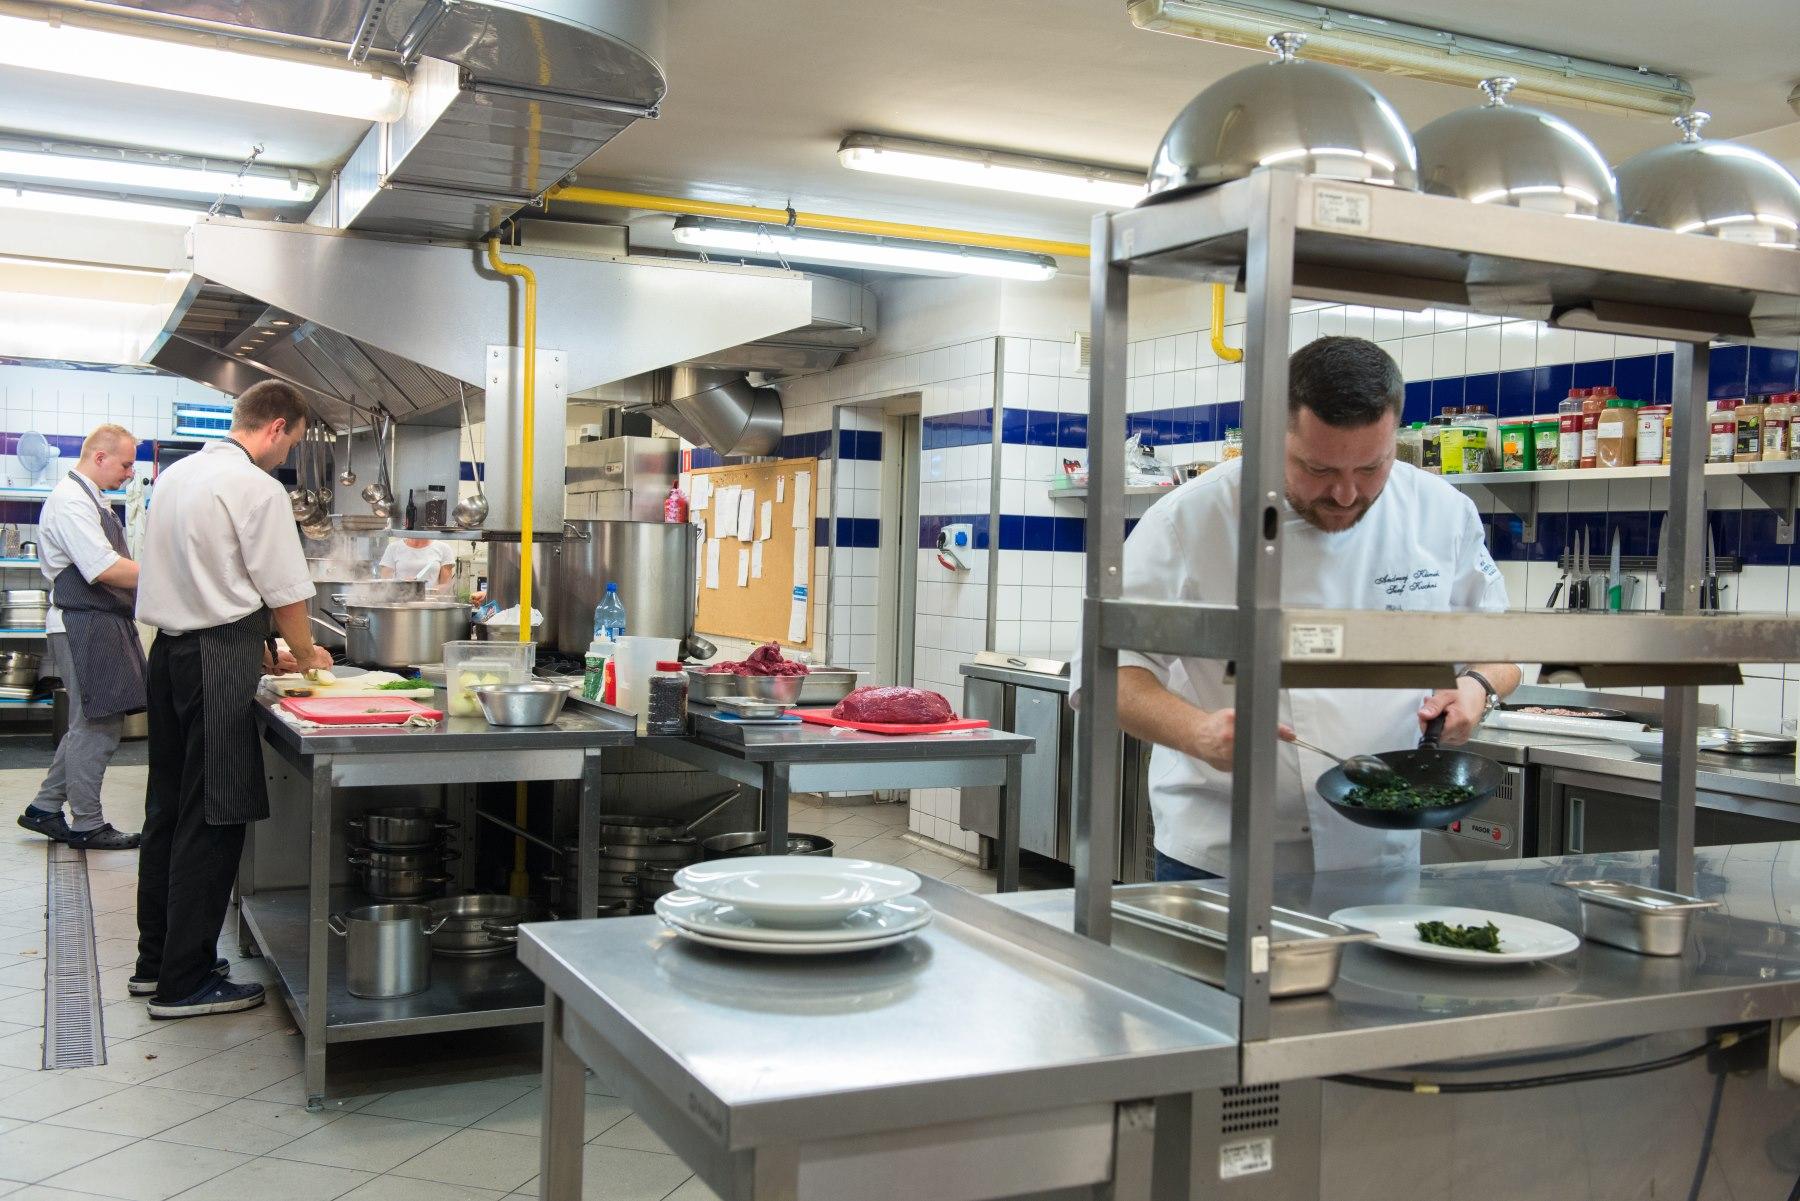 Kucharze pracują w dużej kuchni